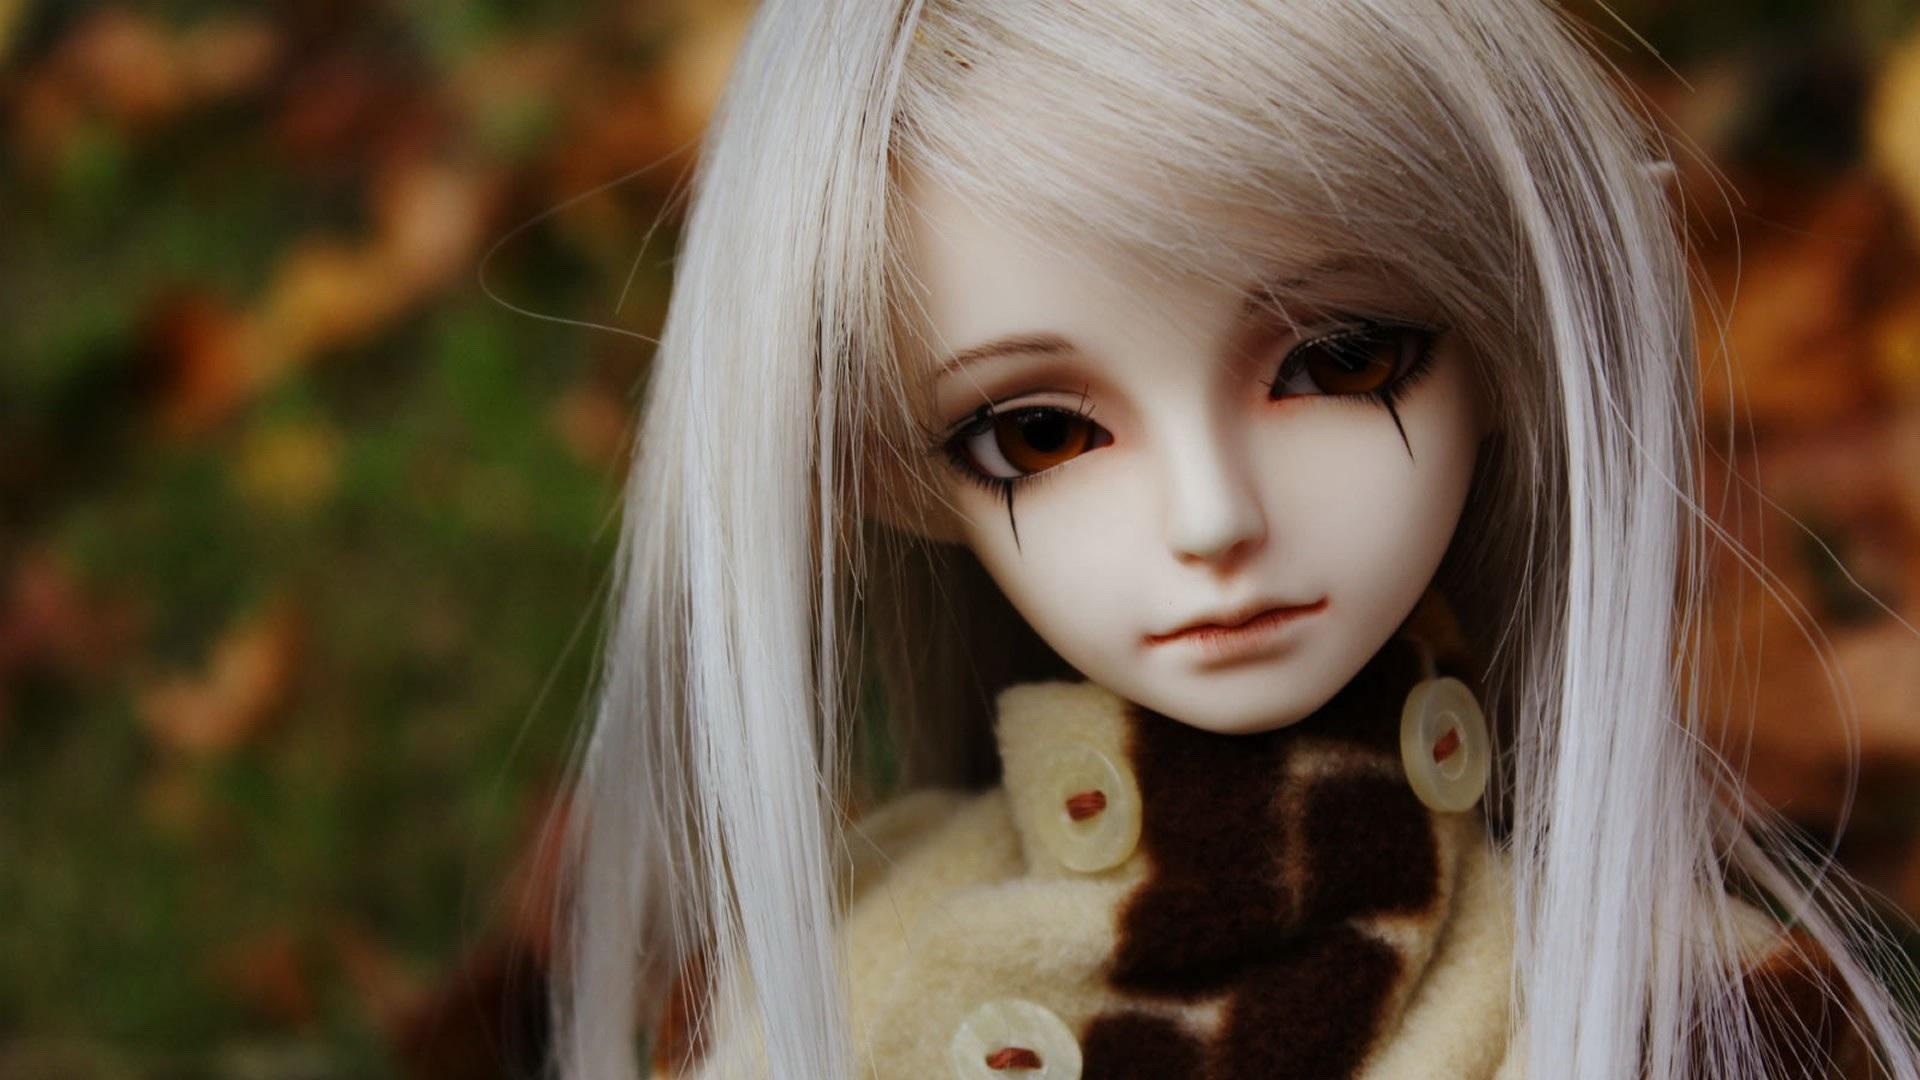 Sad Girl Wallpaper Doll Novocom Top